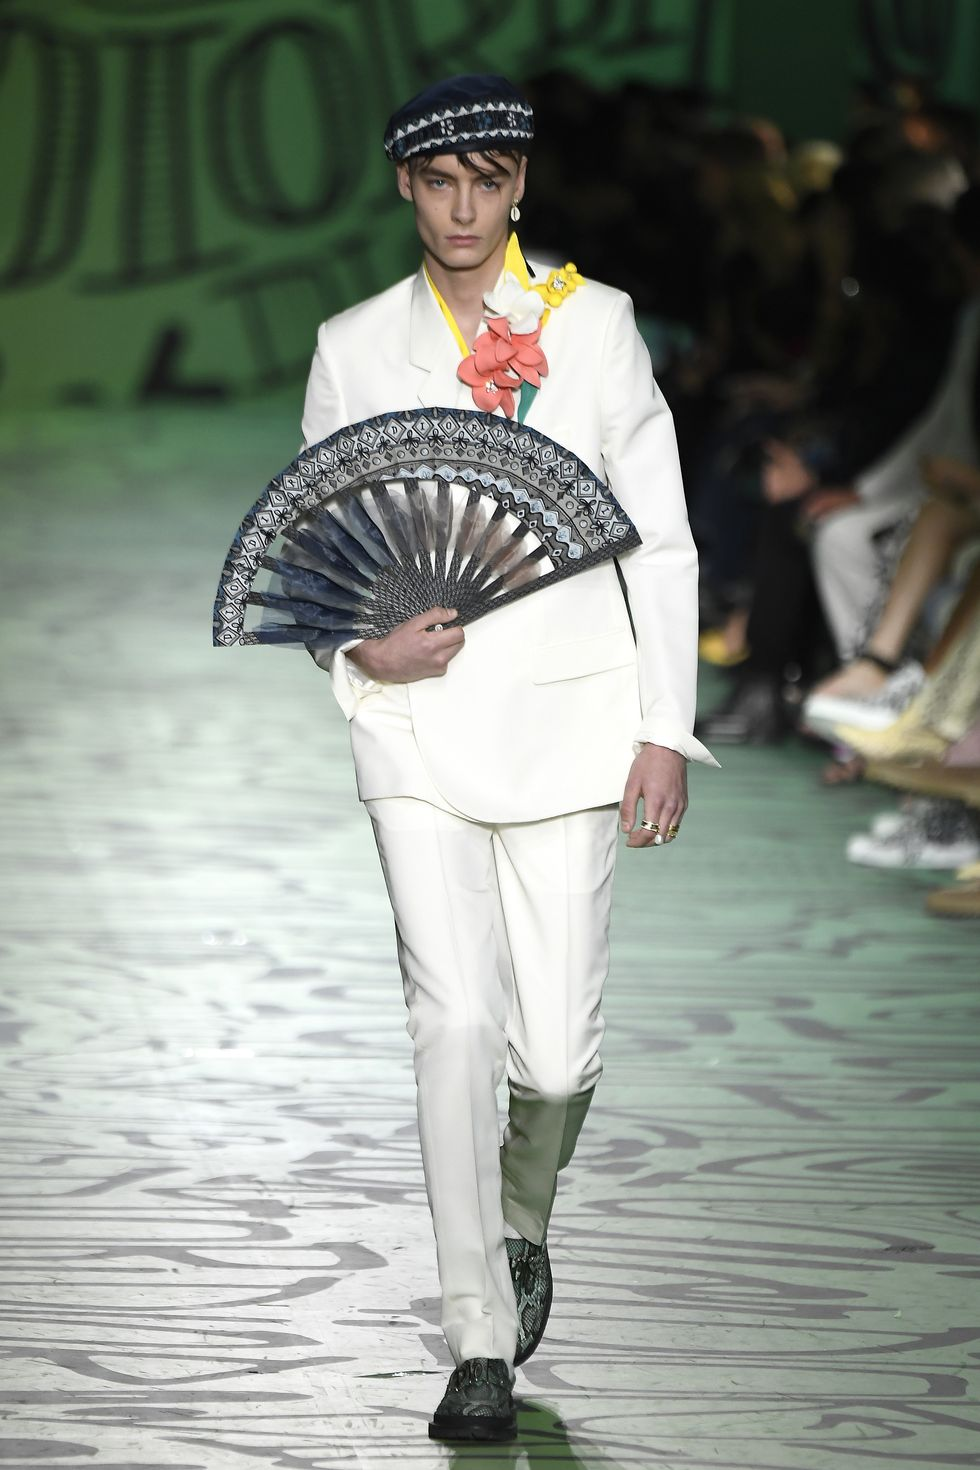 Model na wybiegu w białym garniturze z wielkim wachlarzem w dłoni